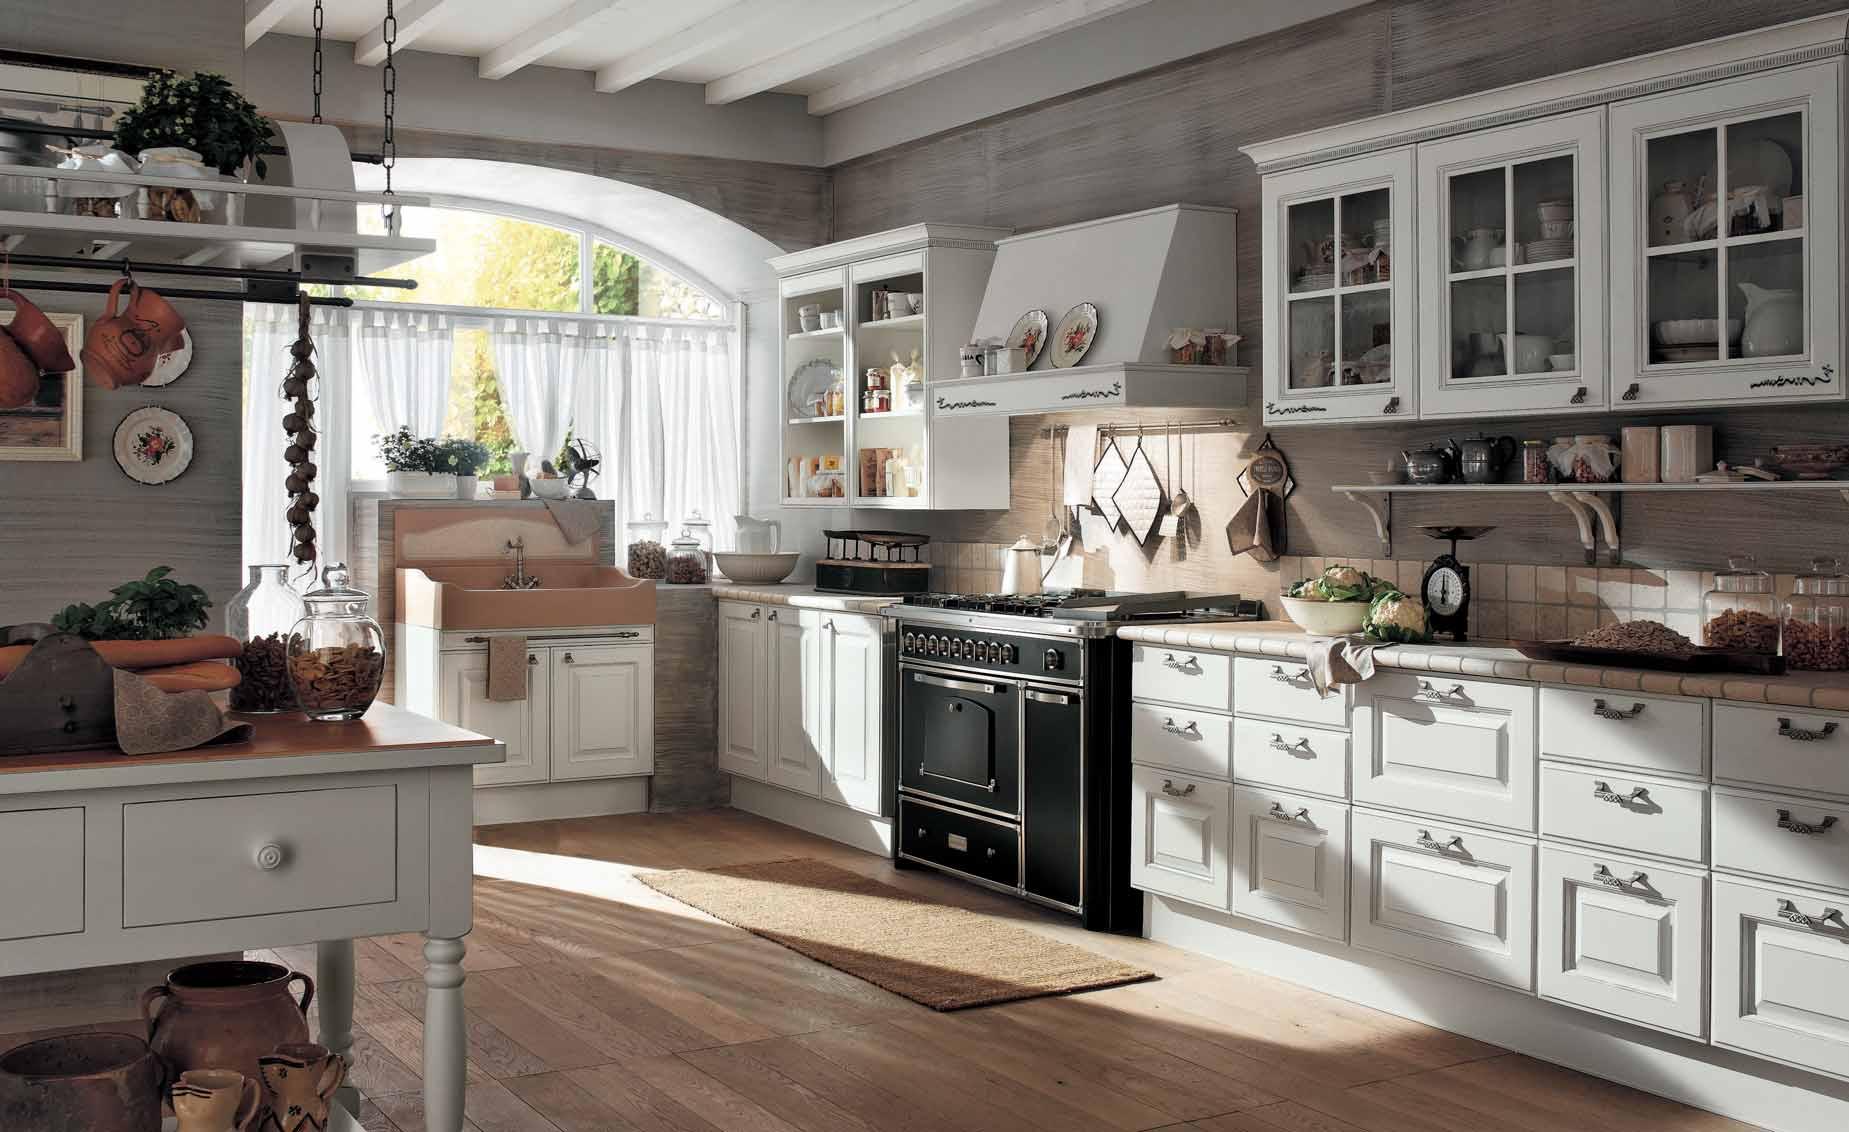 White Kitchen Interior photo - 6